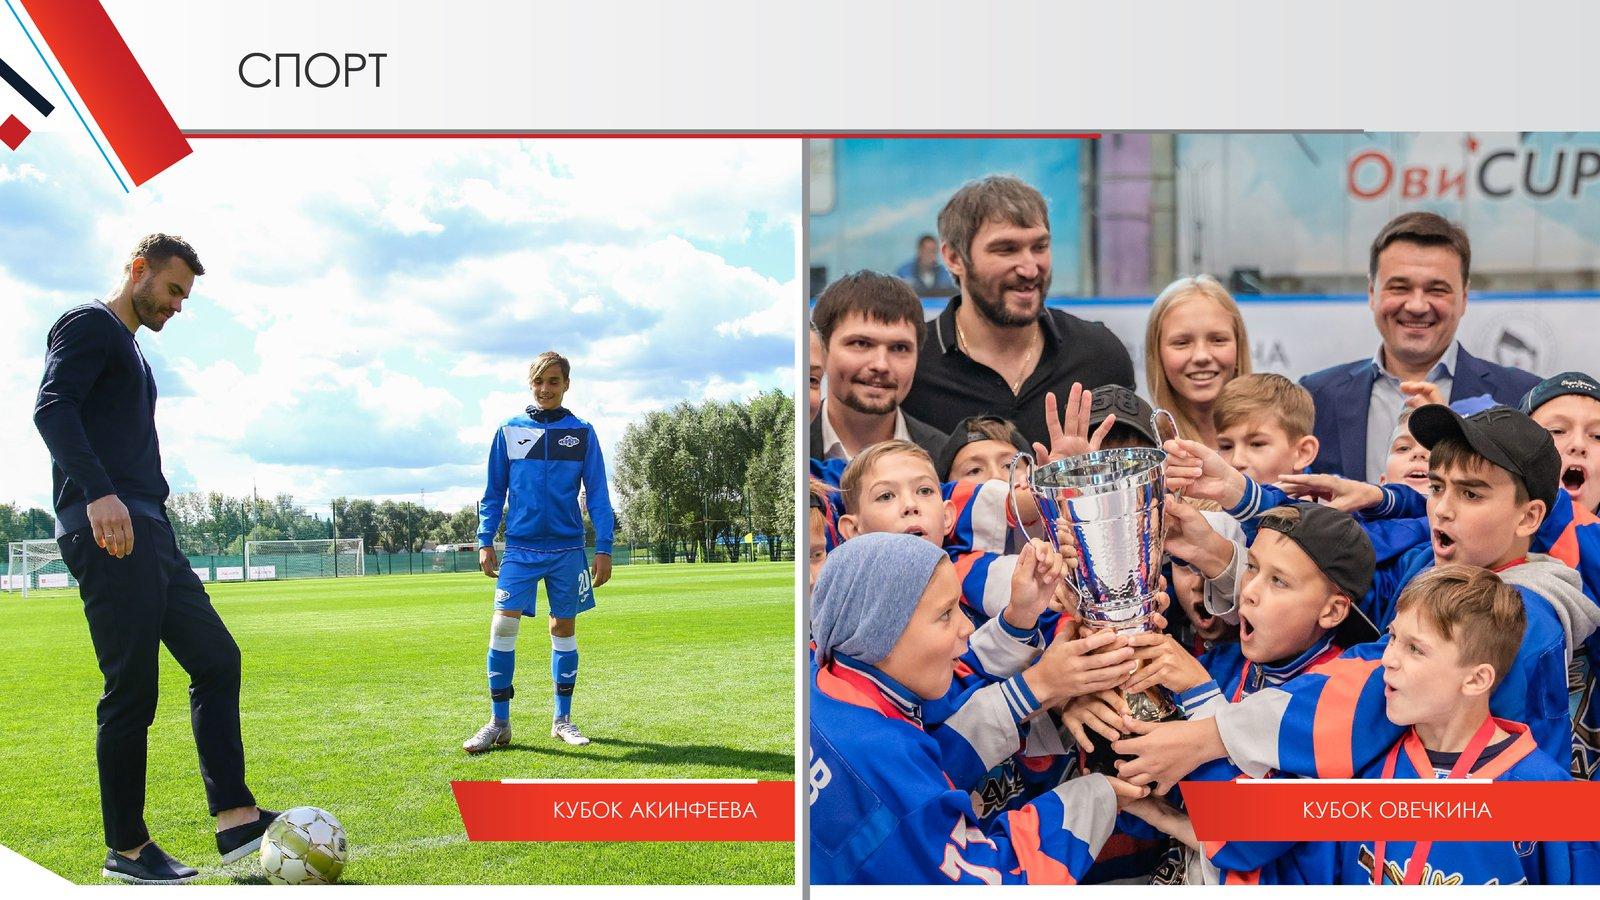 Андрей Воробьев губернатор московской области - Спорт и здоровый образ жизни в Подмосковье